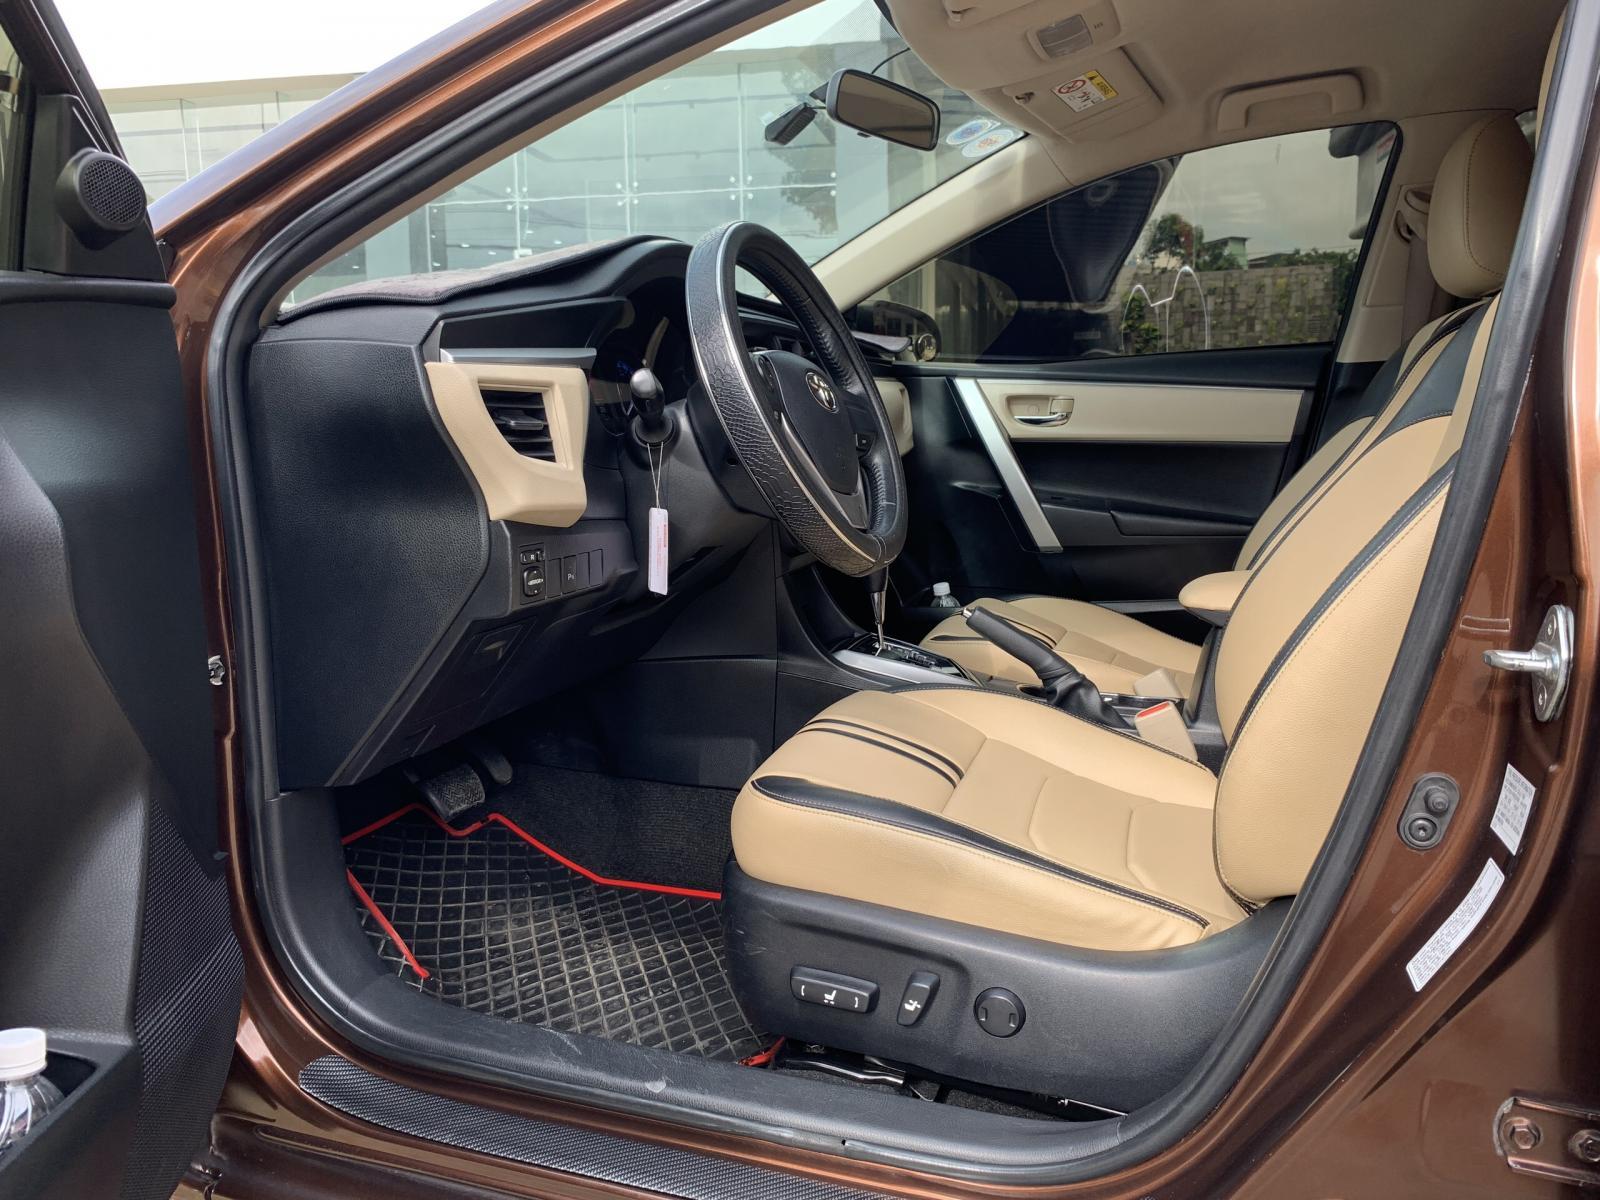 Bán Toyota Corolla altis 1.8G đời 2014, màu nâu, giá tốt